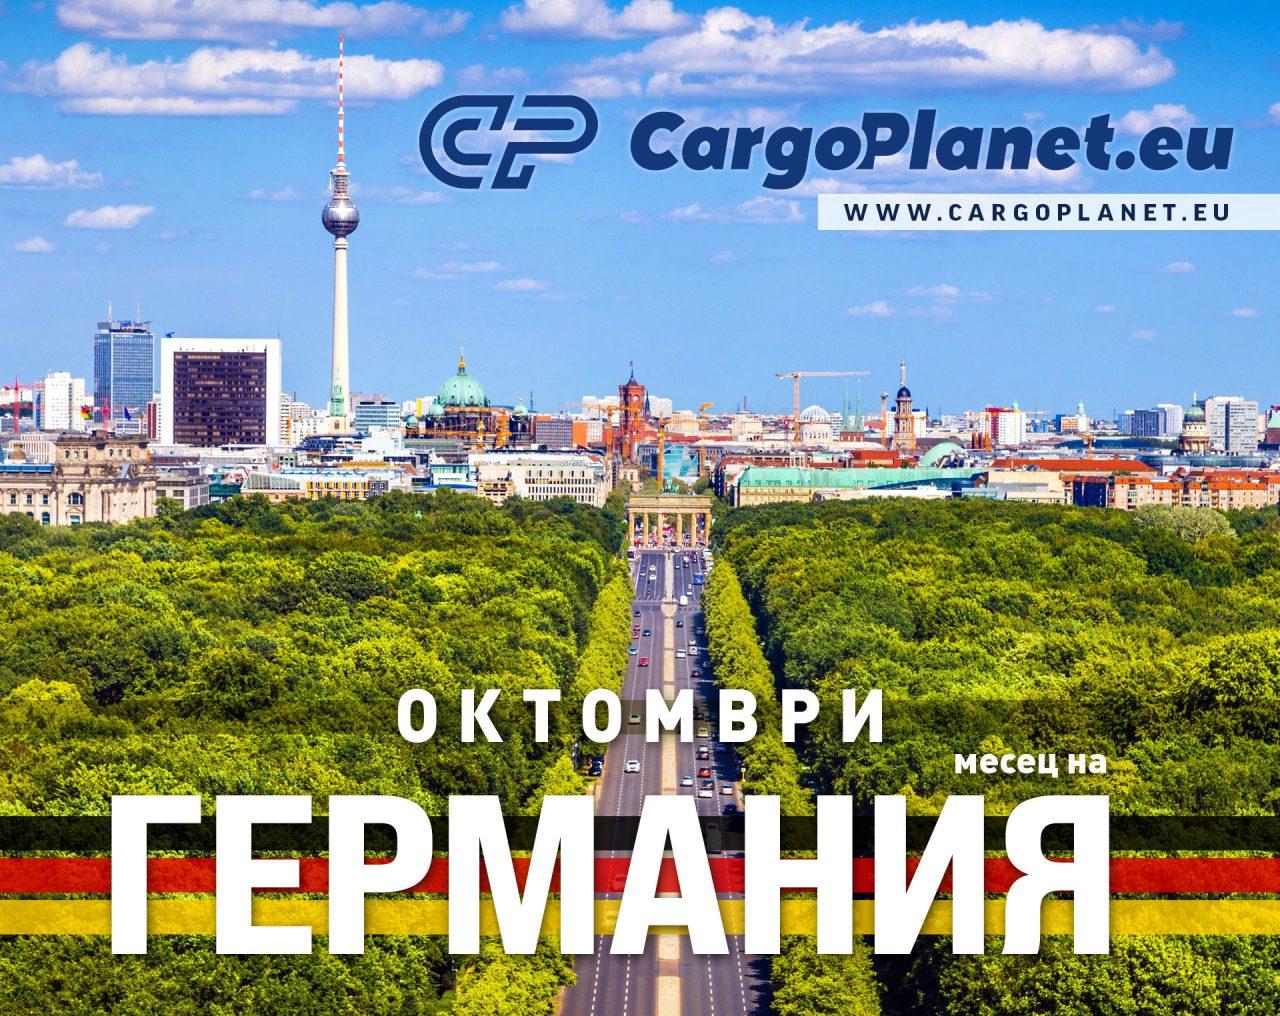 Месец на Германия с Cargo Planet – променените цени на транспорта до Германия и защо няма камиони